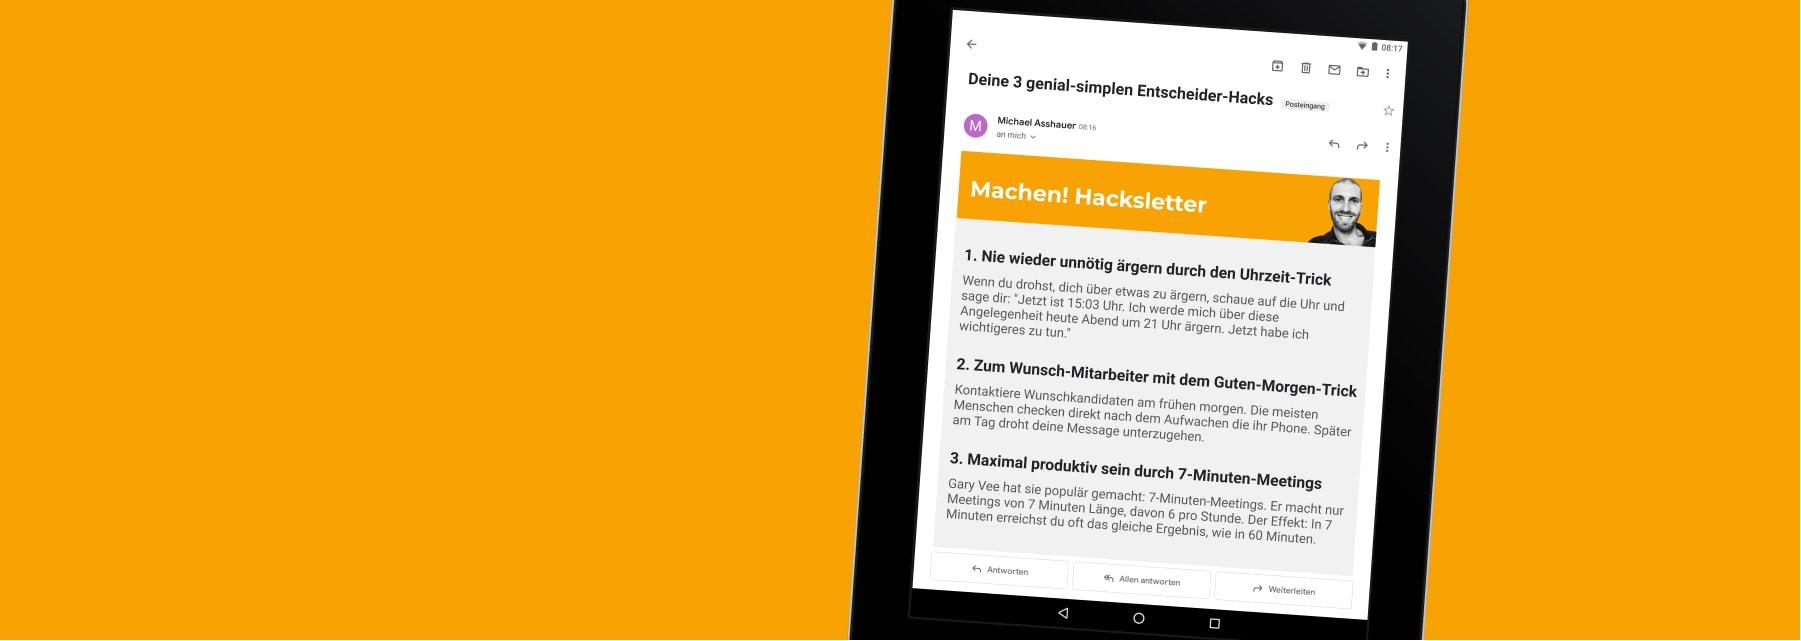 Der Machen! Hacksletter: Ideen und Inspirationen für Entscheider, Unternehmer und Führungspersönlichkeiten - früher TALENTE Hacksletter & Infoletter